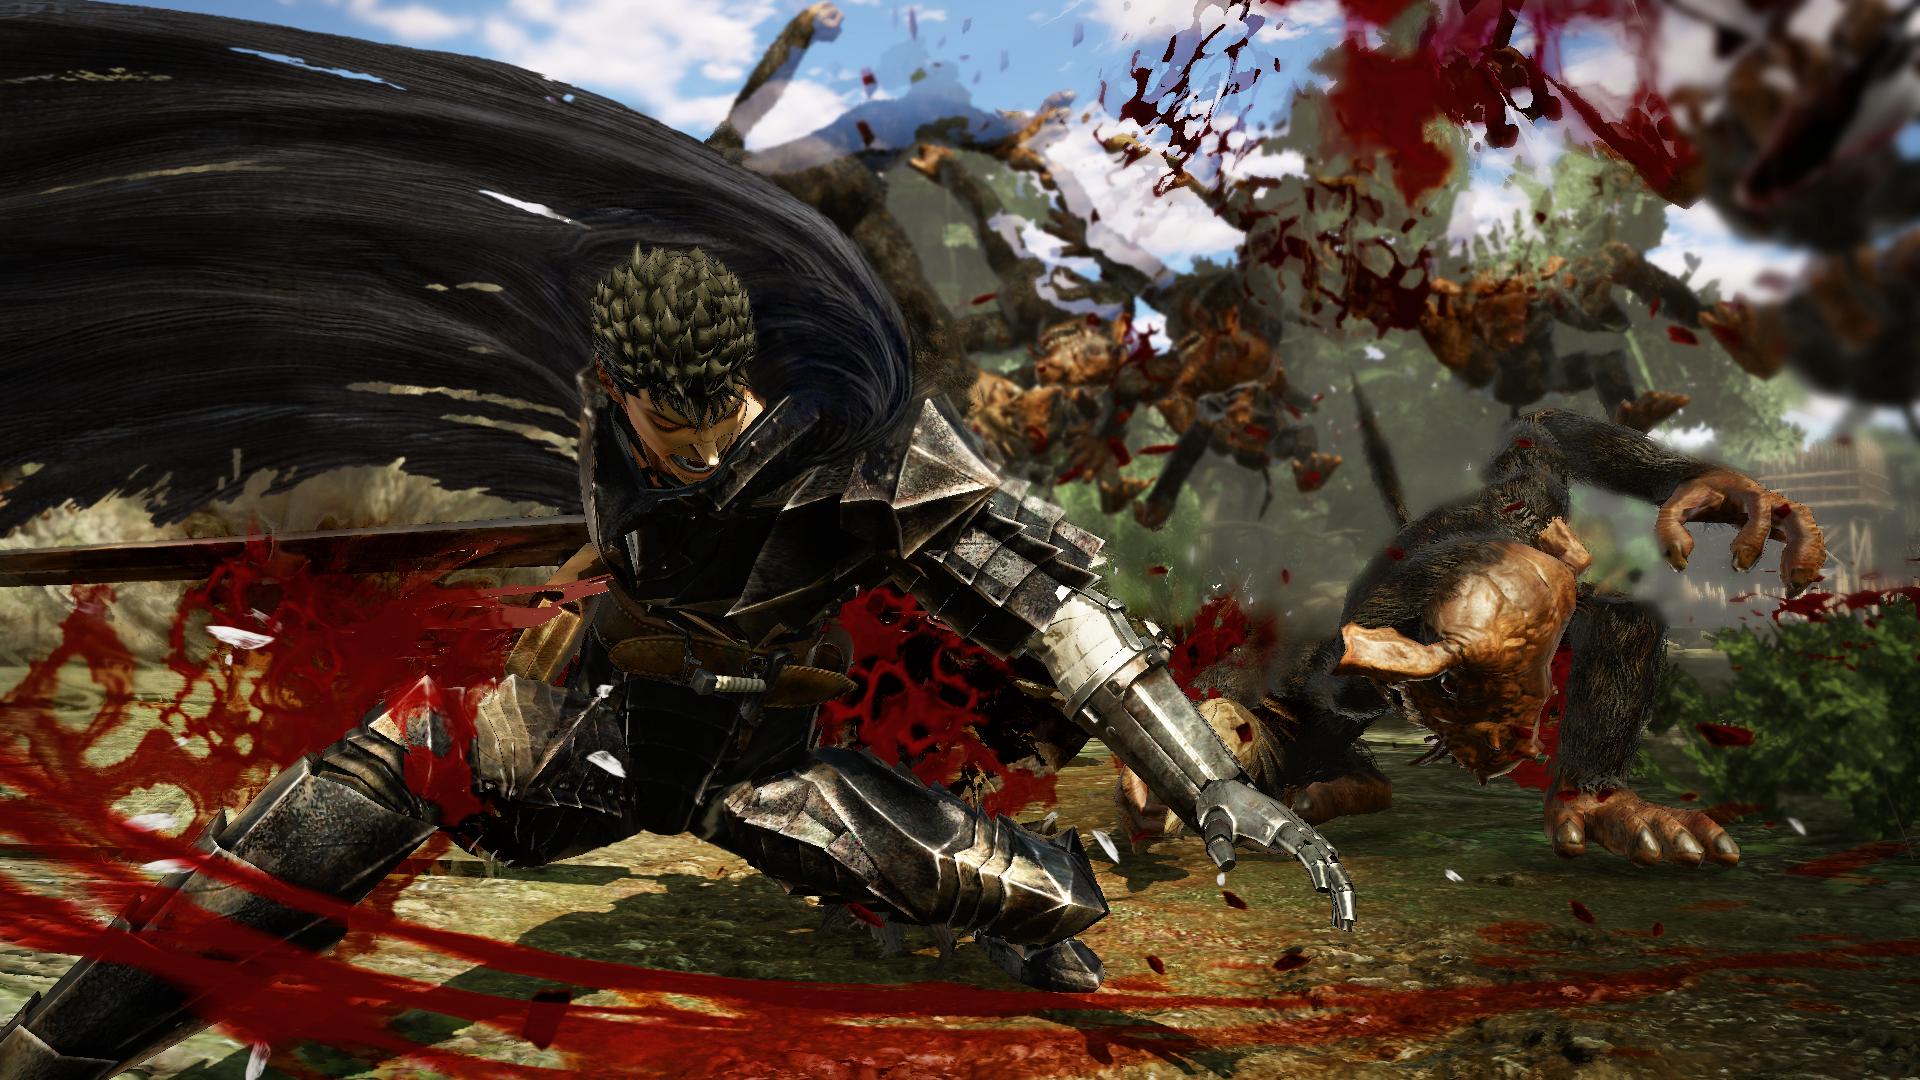 berserk-musou-warriors-image1